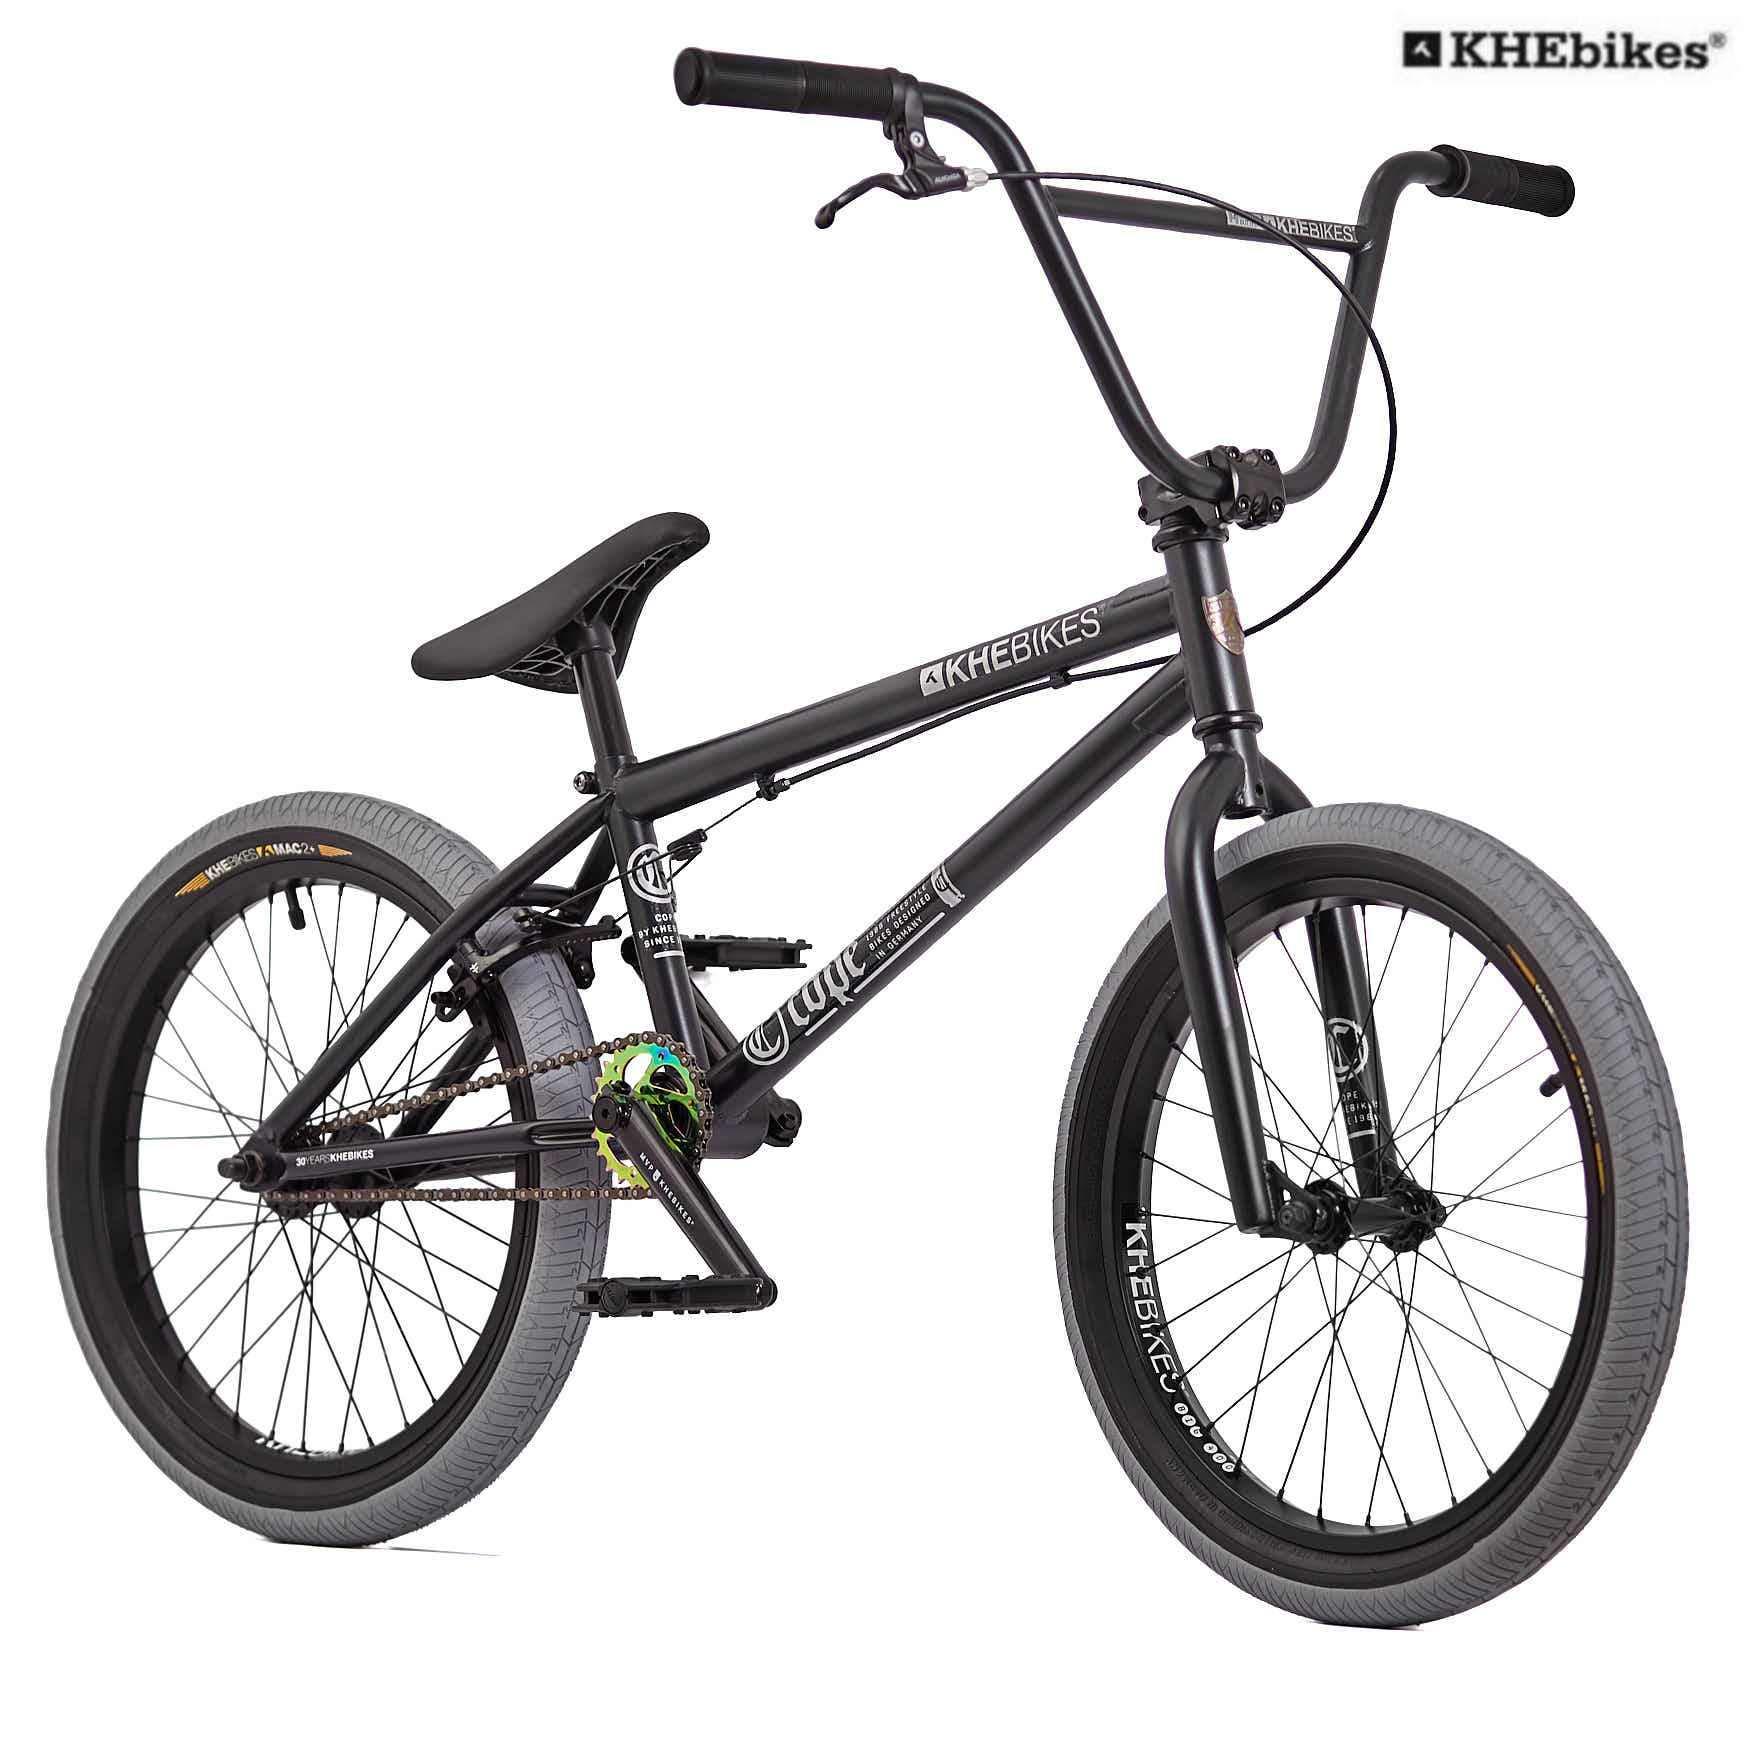 KHE Bmx bicicleta Cope Negro solo 10,7 kg.: Amazon.es: Deportes y aire libre